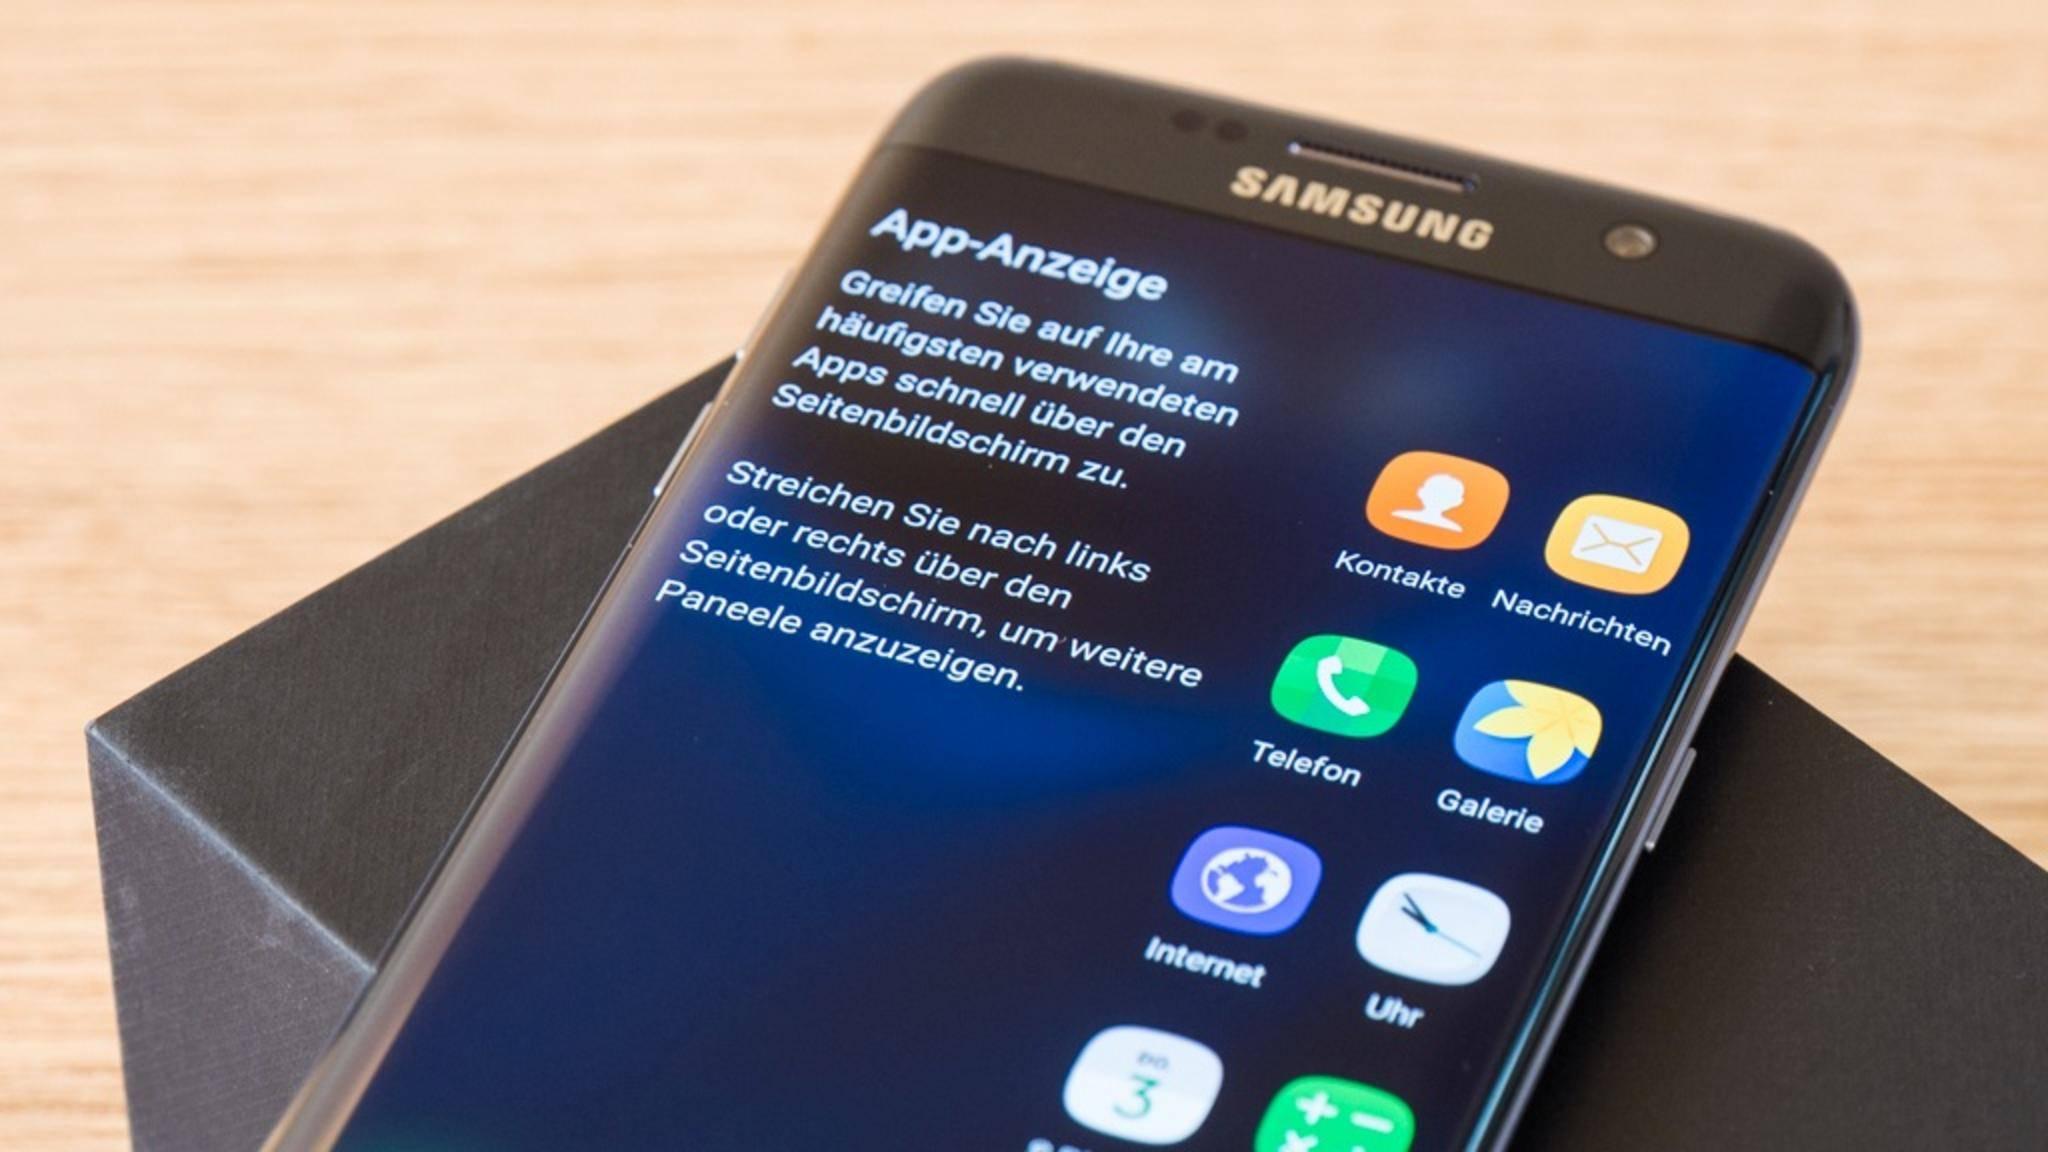 Das Galaxy S7 soll schon bald das Update auf Android 8.0 Oreo bekommen.